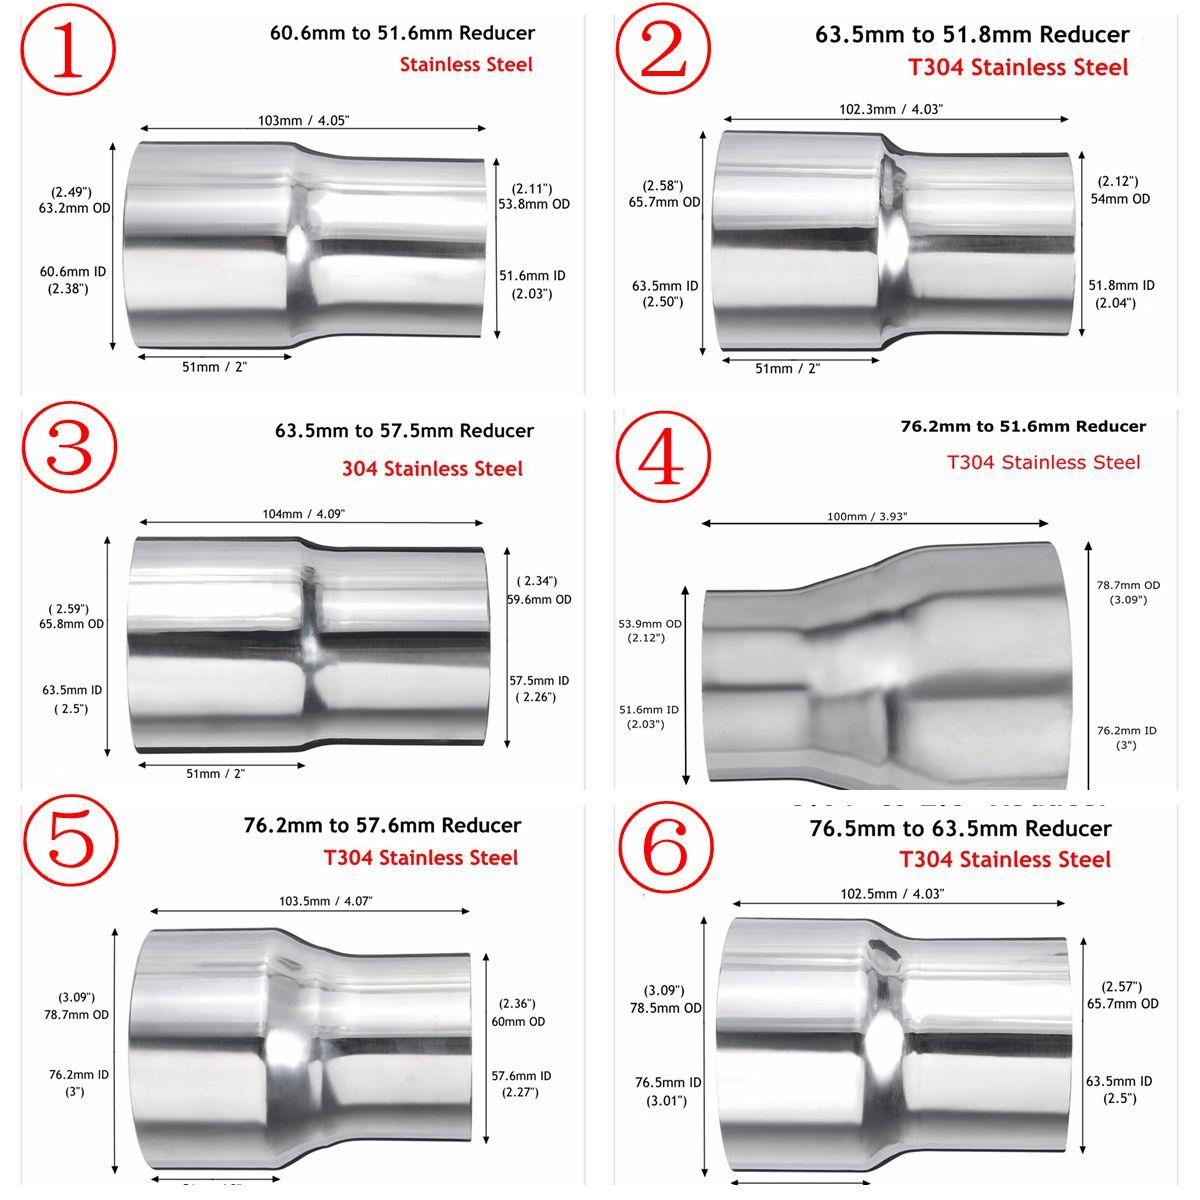 Tubo de aço inoxidável do conector do adaptador do redutor da exaustão do carro universal 76mm 63mm 60mm a 63mm 57mm 52mm 50mm 6 tamanho